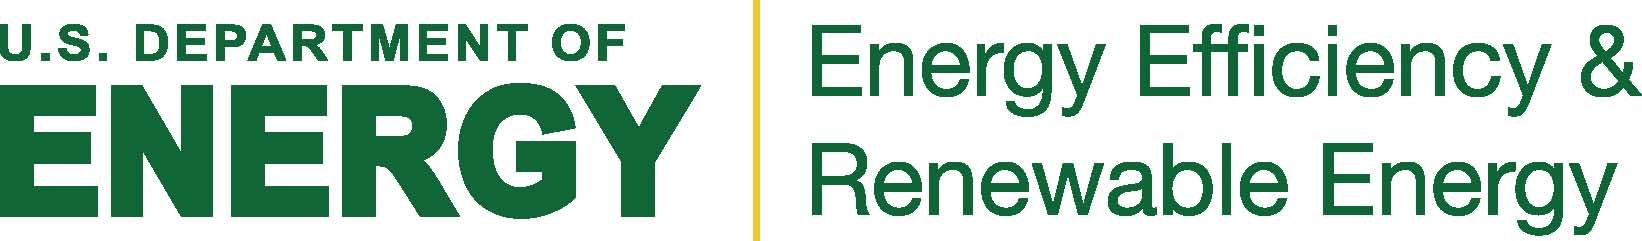 U.S. Department of Energy EERE Logo